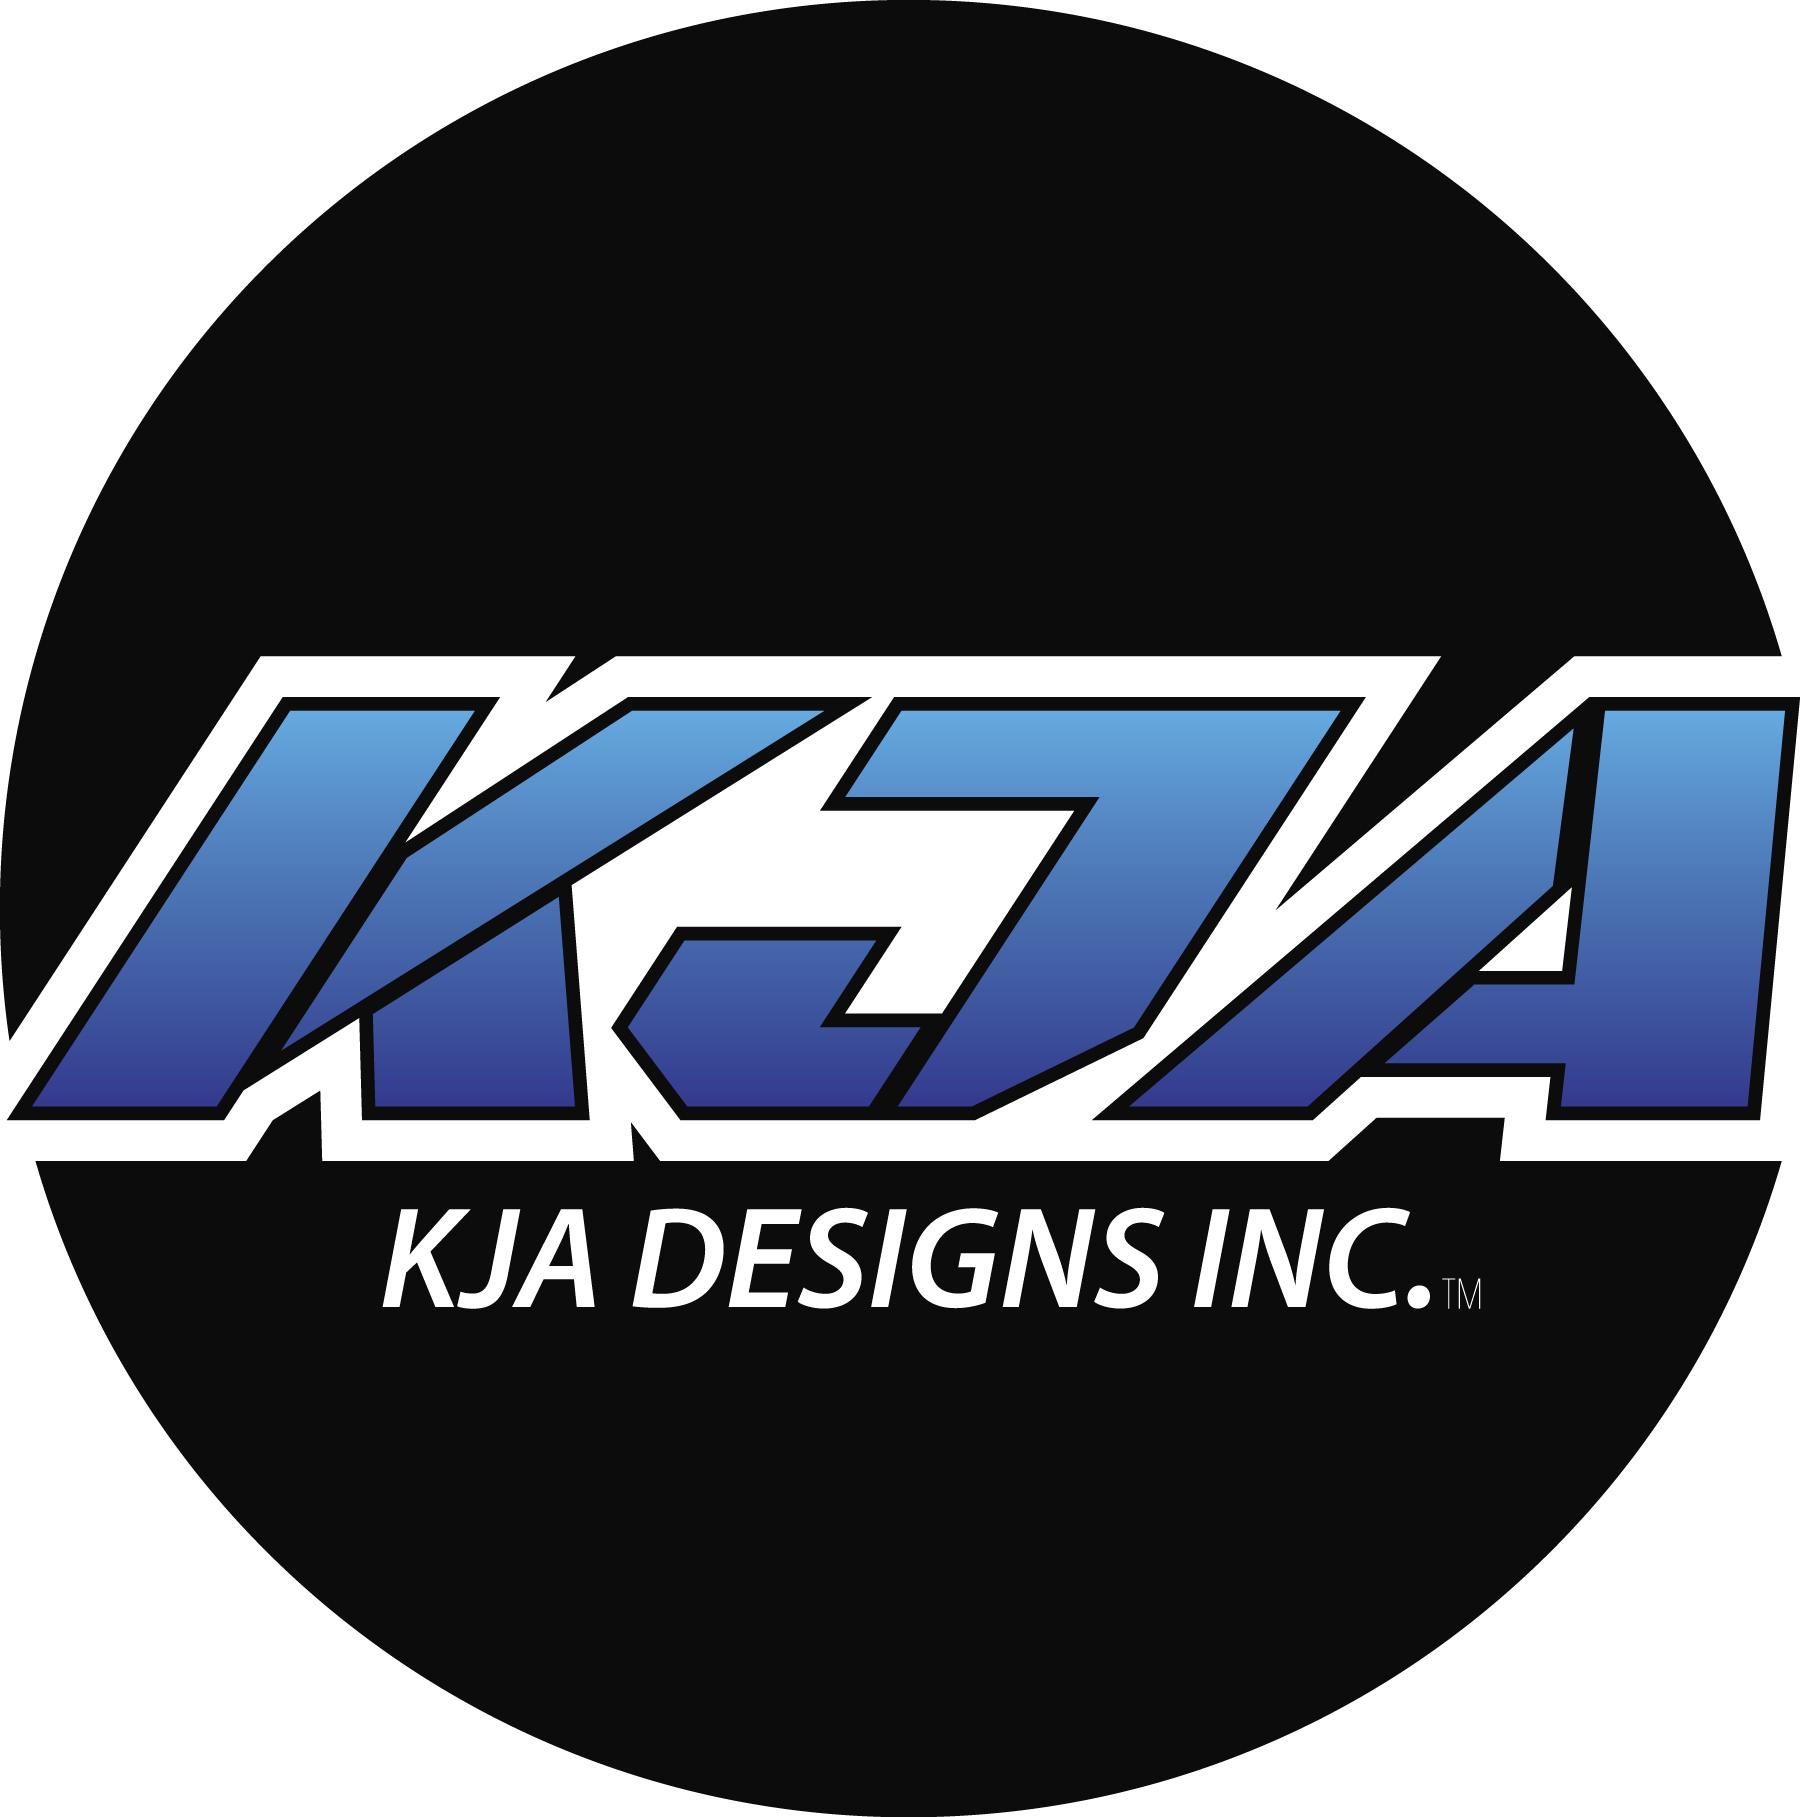 KJA Designs Inc.™ 1B